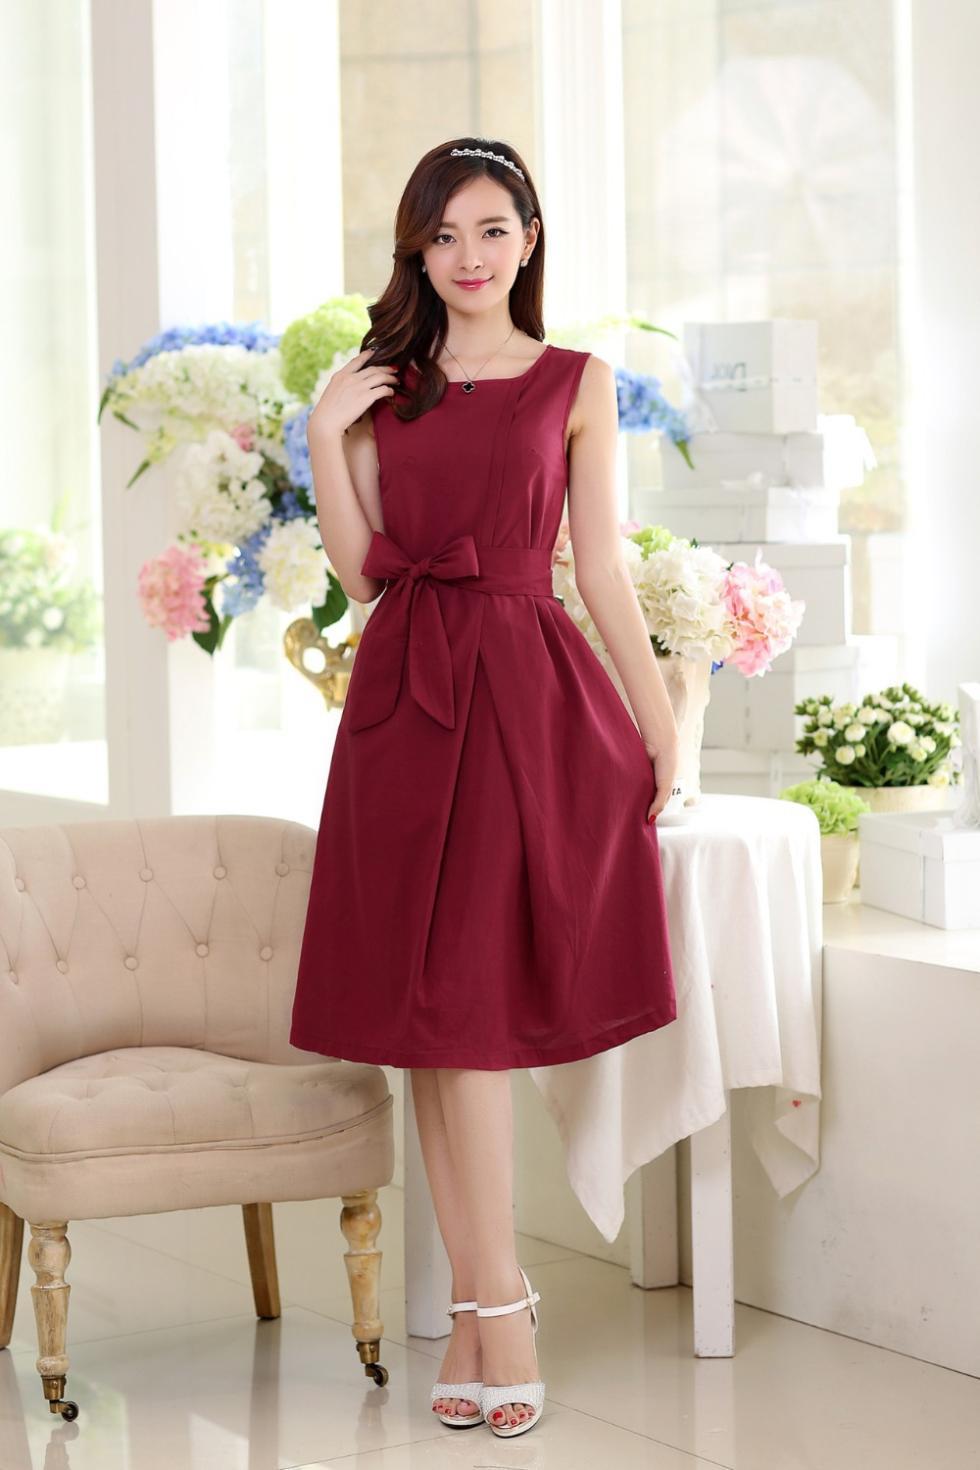 Summer fashion 2014 fluid one-piece dress hemp expansion bottom full dress linen net dresses(China (Mainland))